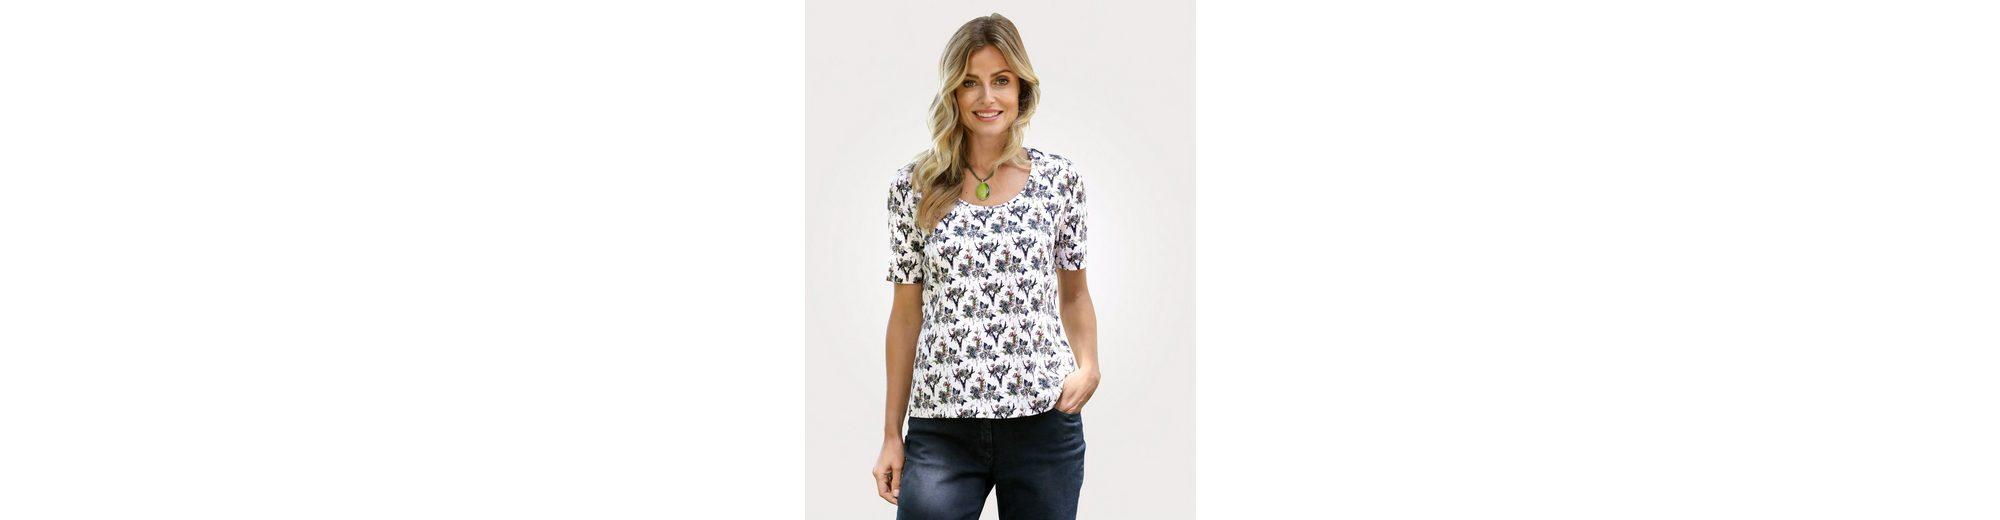 Billiger Preis Spielraum Versorgung Mona Shirt mit trachtigem Motiv G9etl7HN